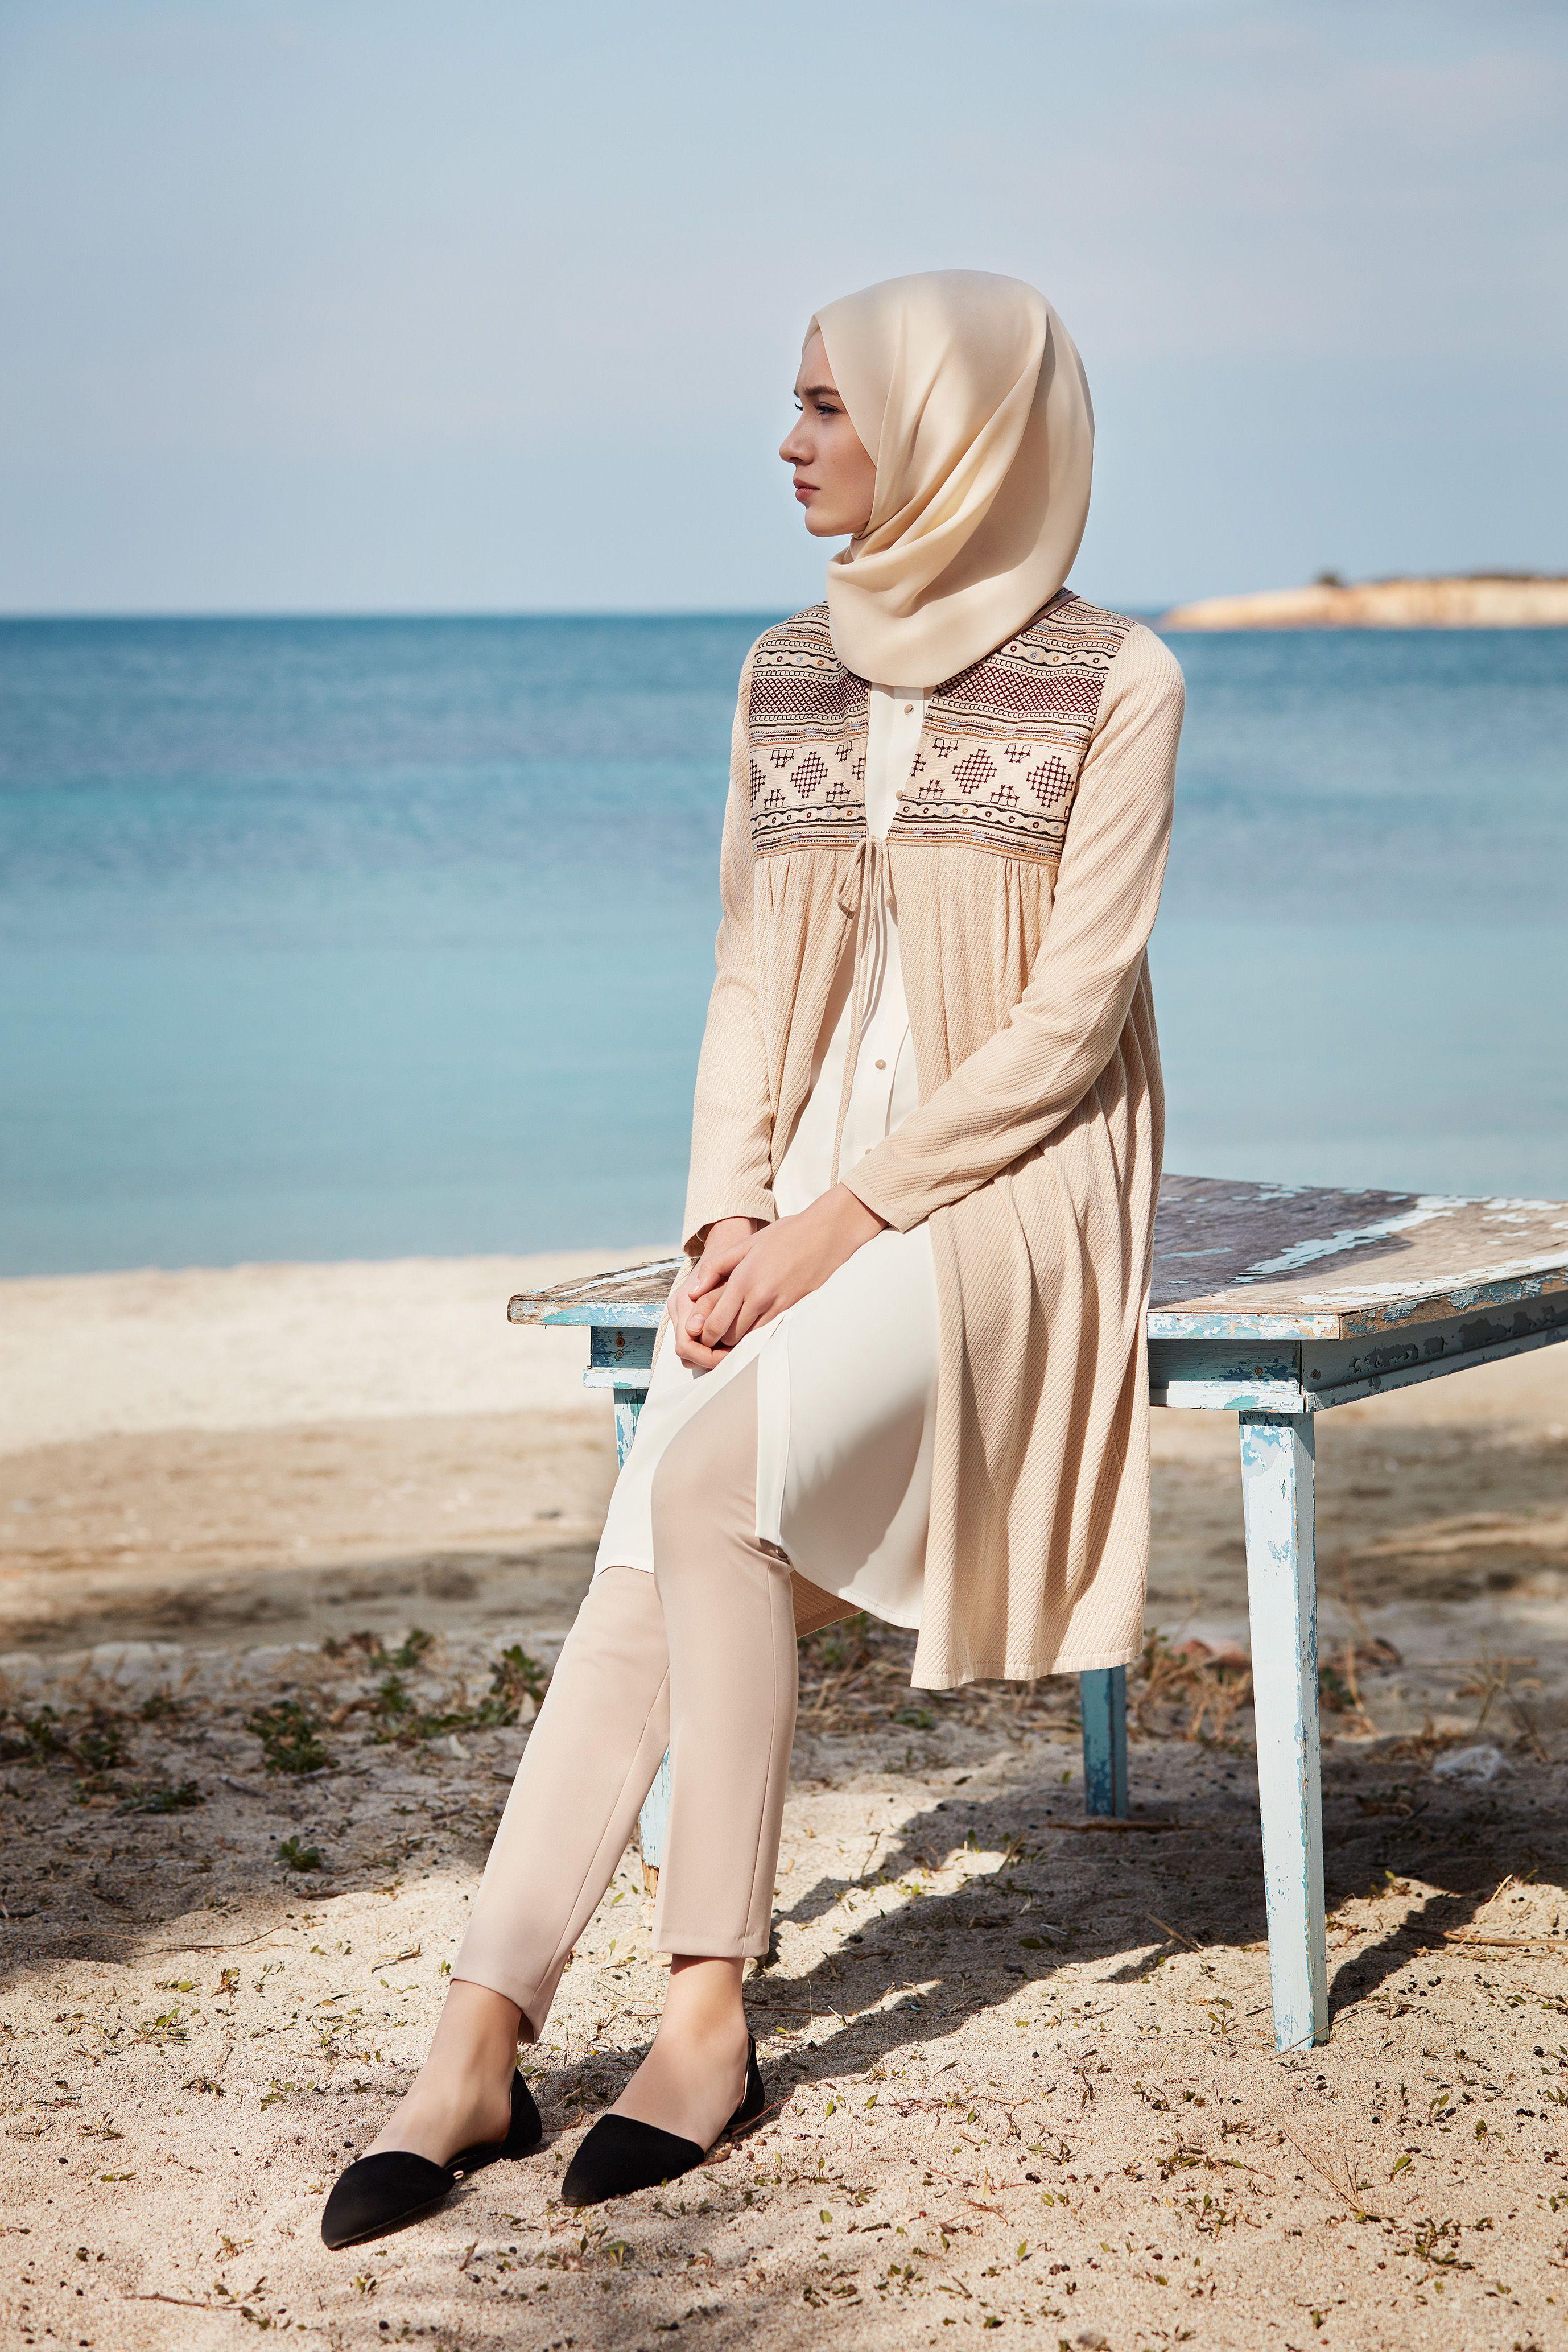 edd96de30414c Perfect Türban Kıyafetler, Abaya Modası, Islami Moda, Müslüman Modası